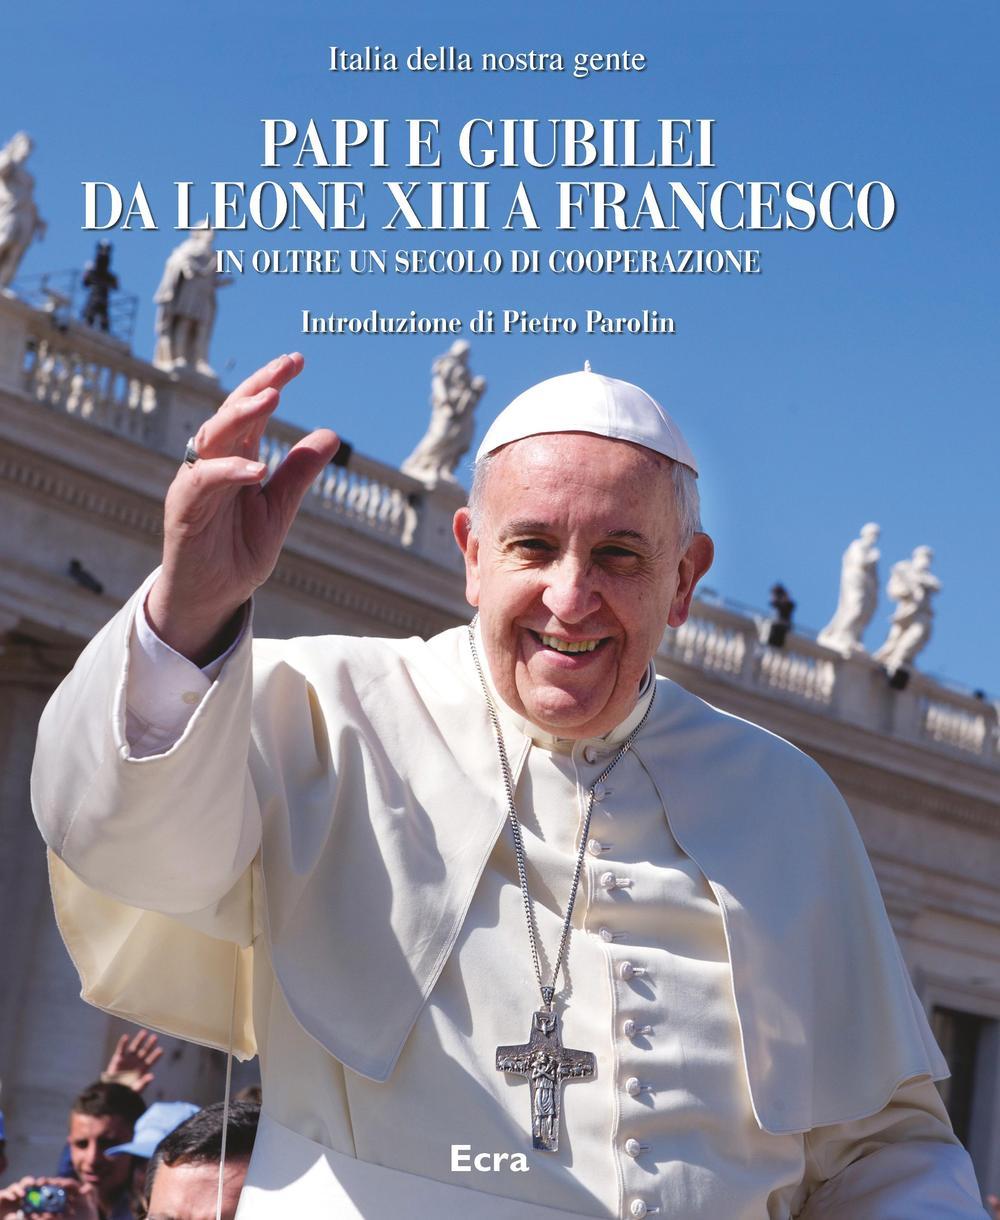 Image of Papi e giubilei da Leone XIII a Francesco in oltre un secolo di cooperazione